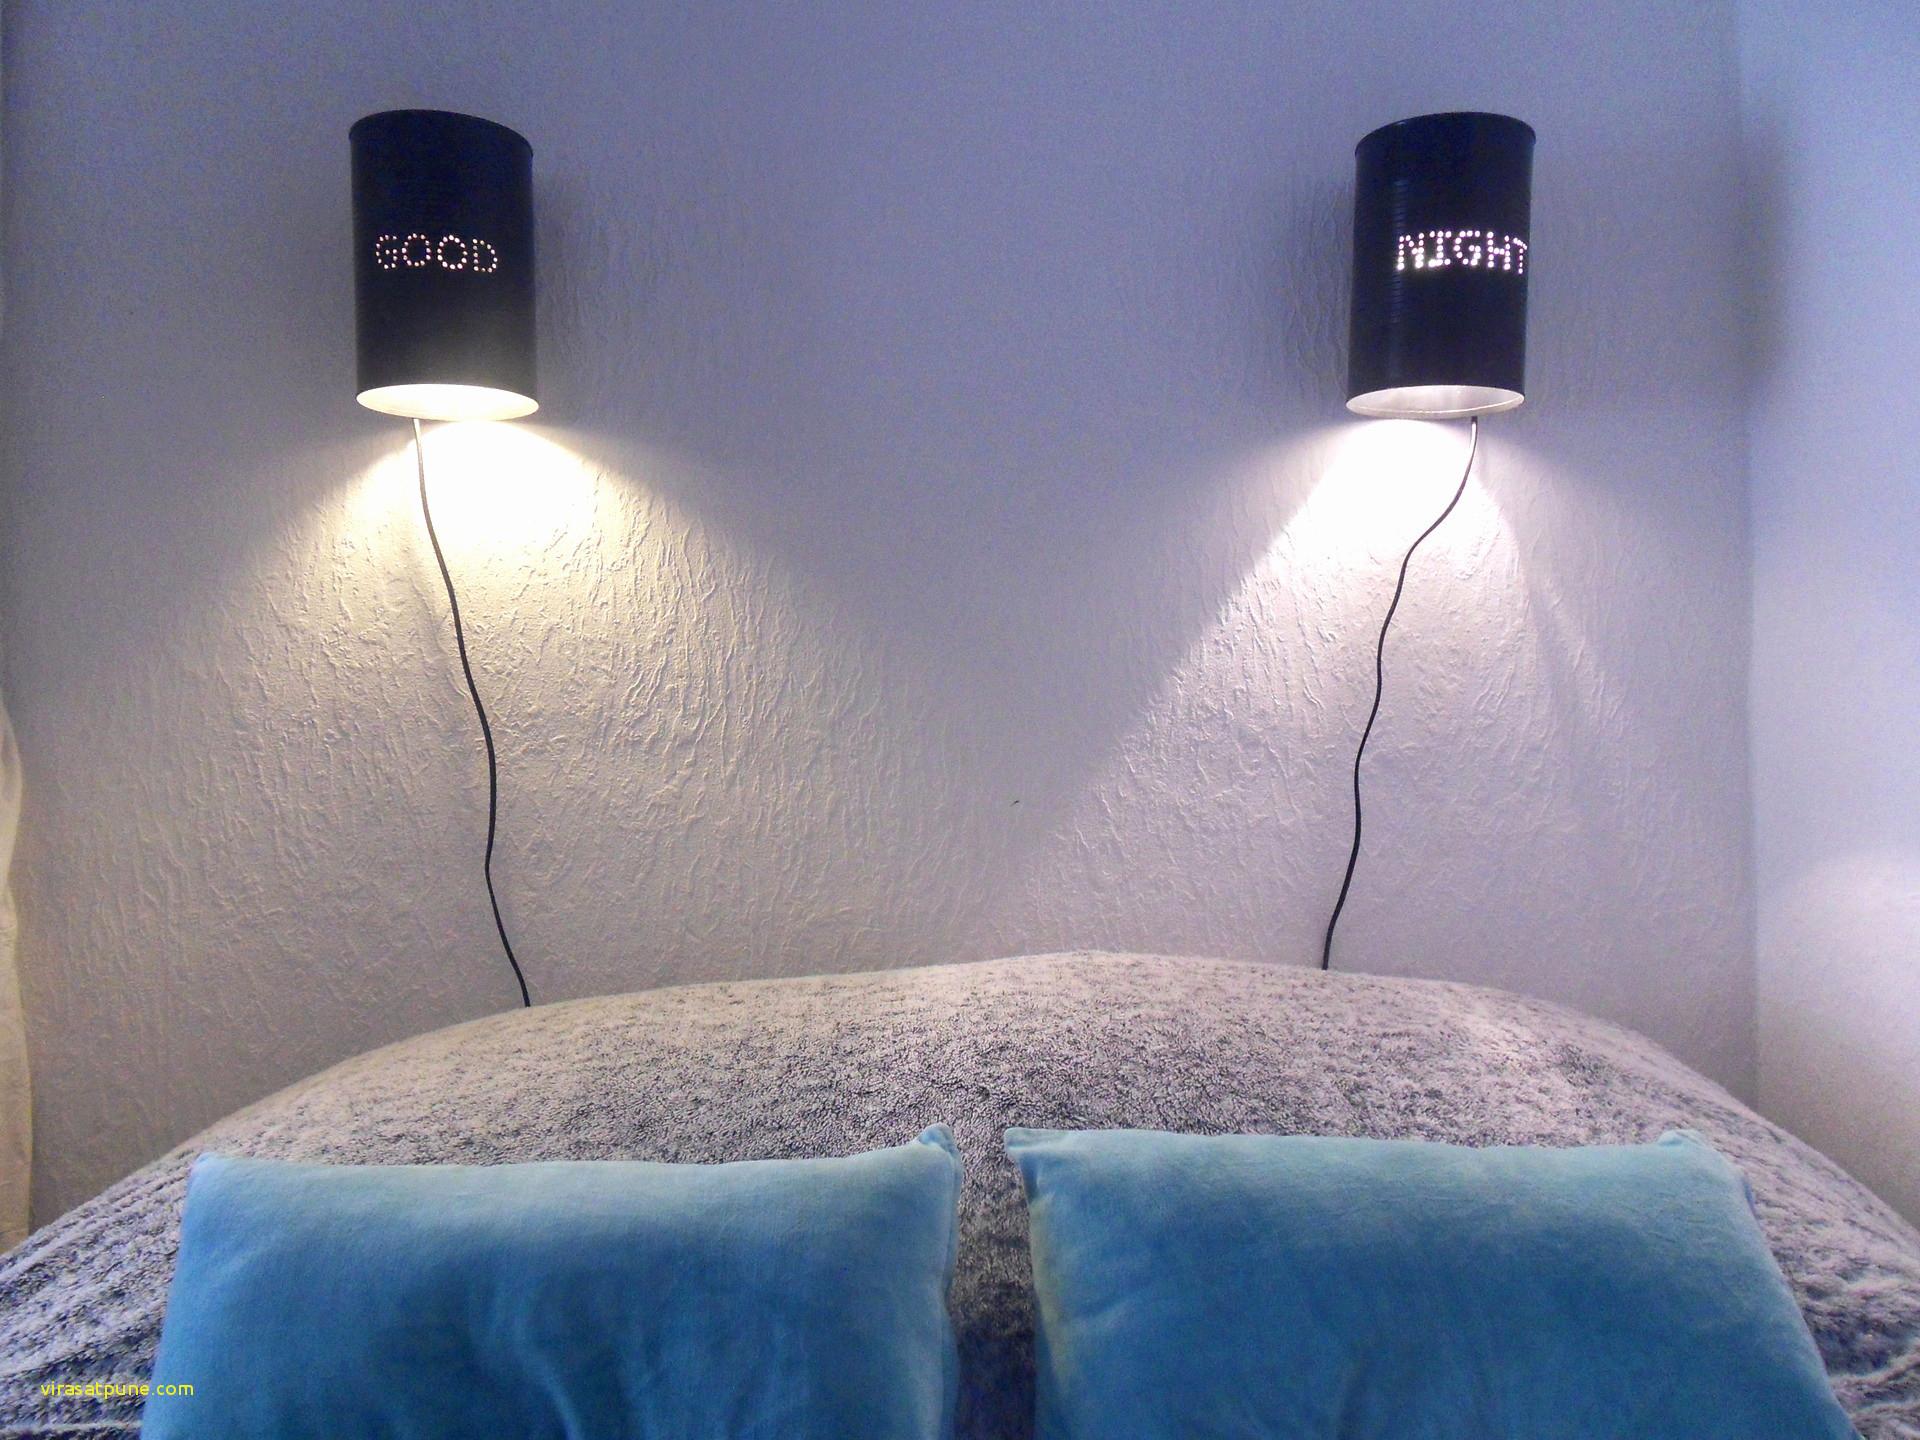 Applique murale chambre ado garçon - Idée de luminaire et ...